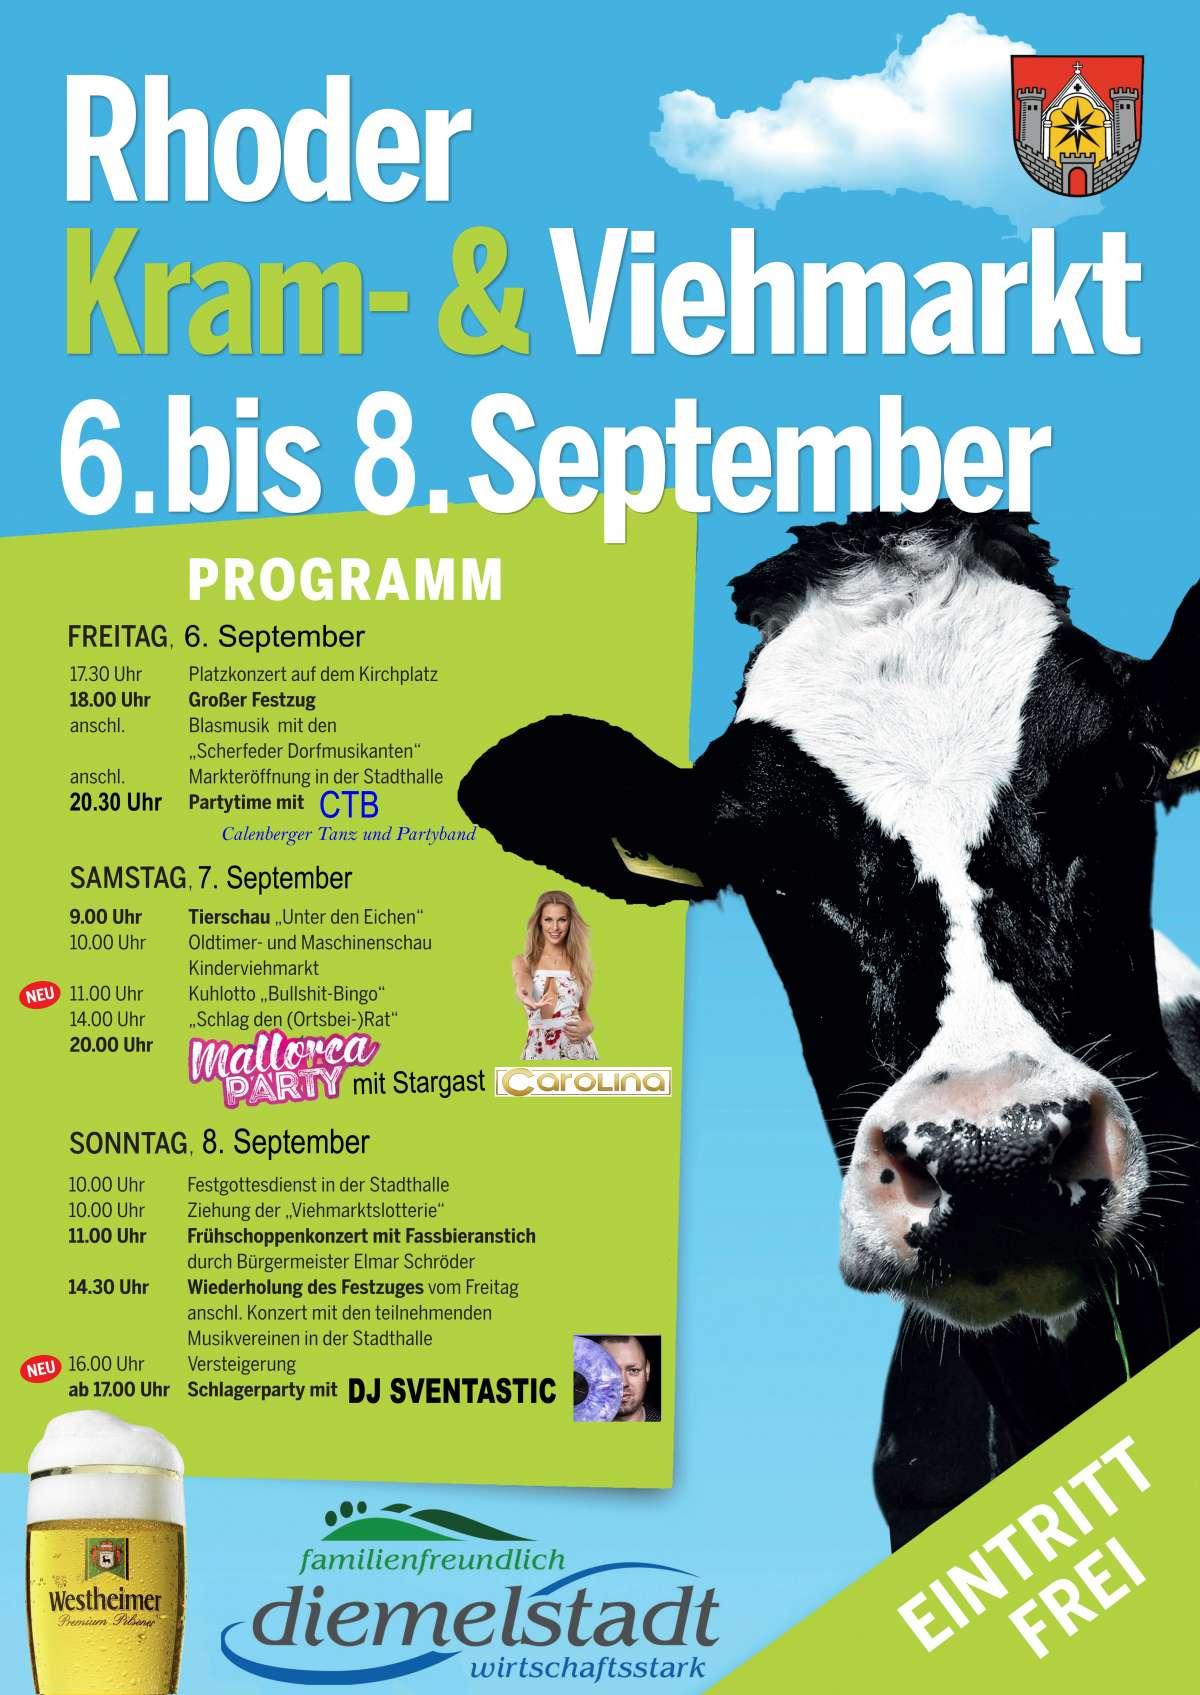 Kram- Viehmarkt Rhoden - Scherfeder Dorfmusikanten, CTB - Calenberger Tanz und Partyband - Schützenplatz Rhoden - Diemelstadt-Rhoden